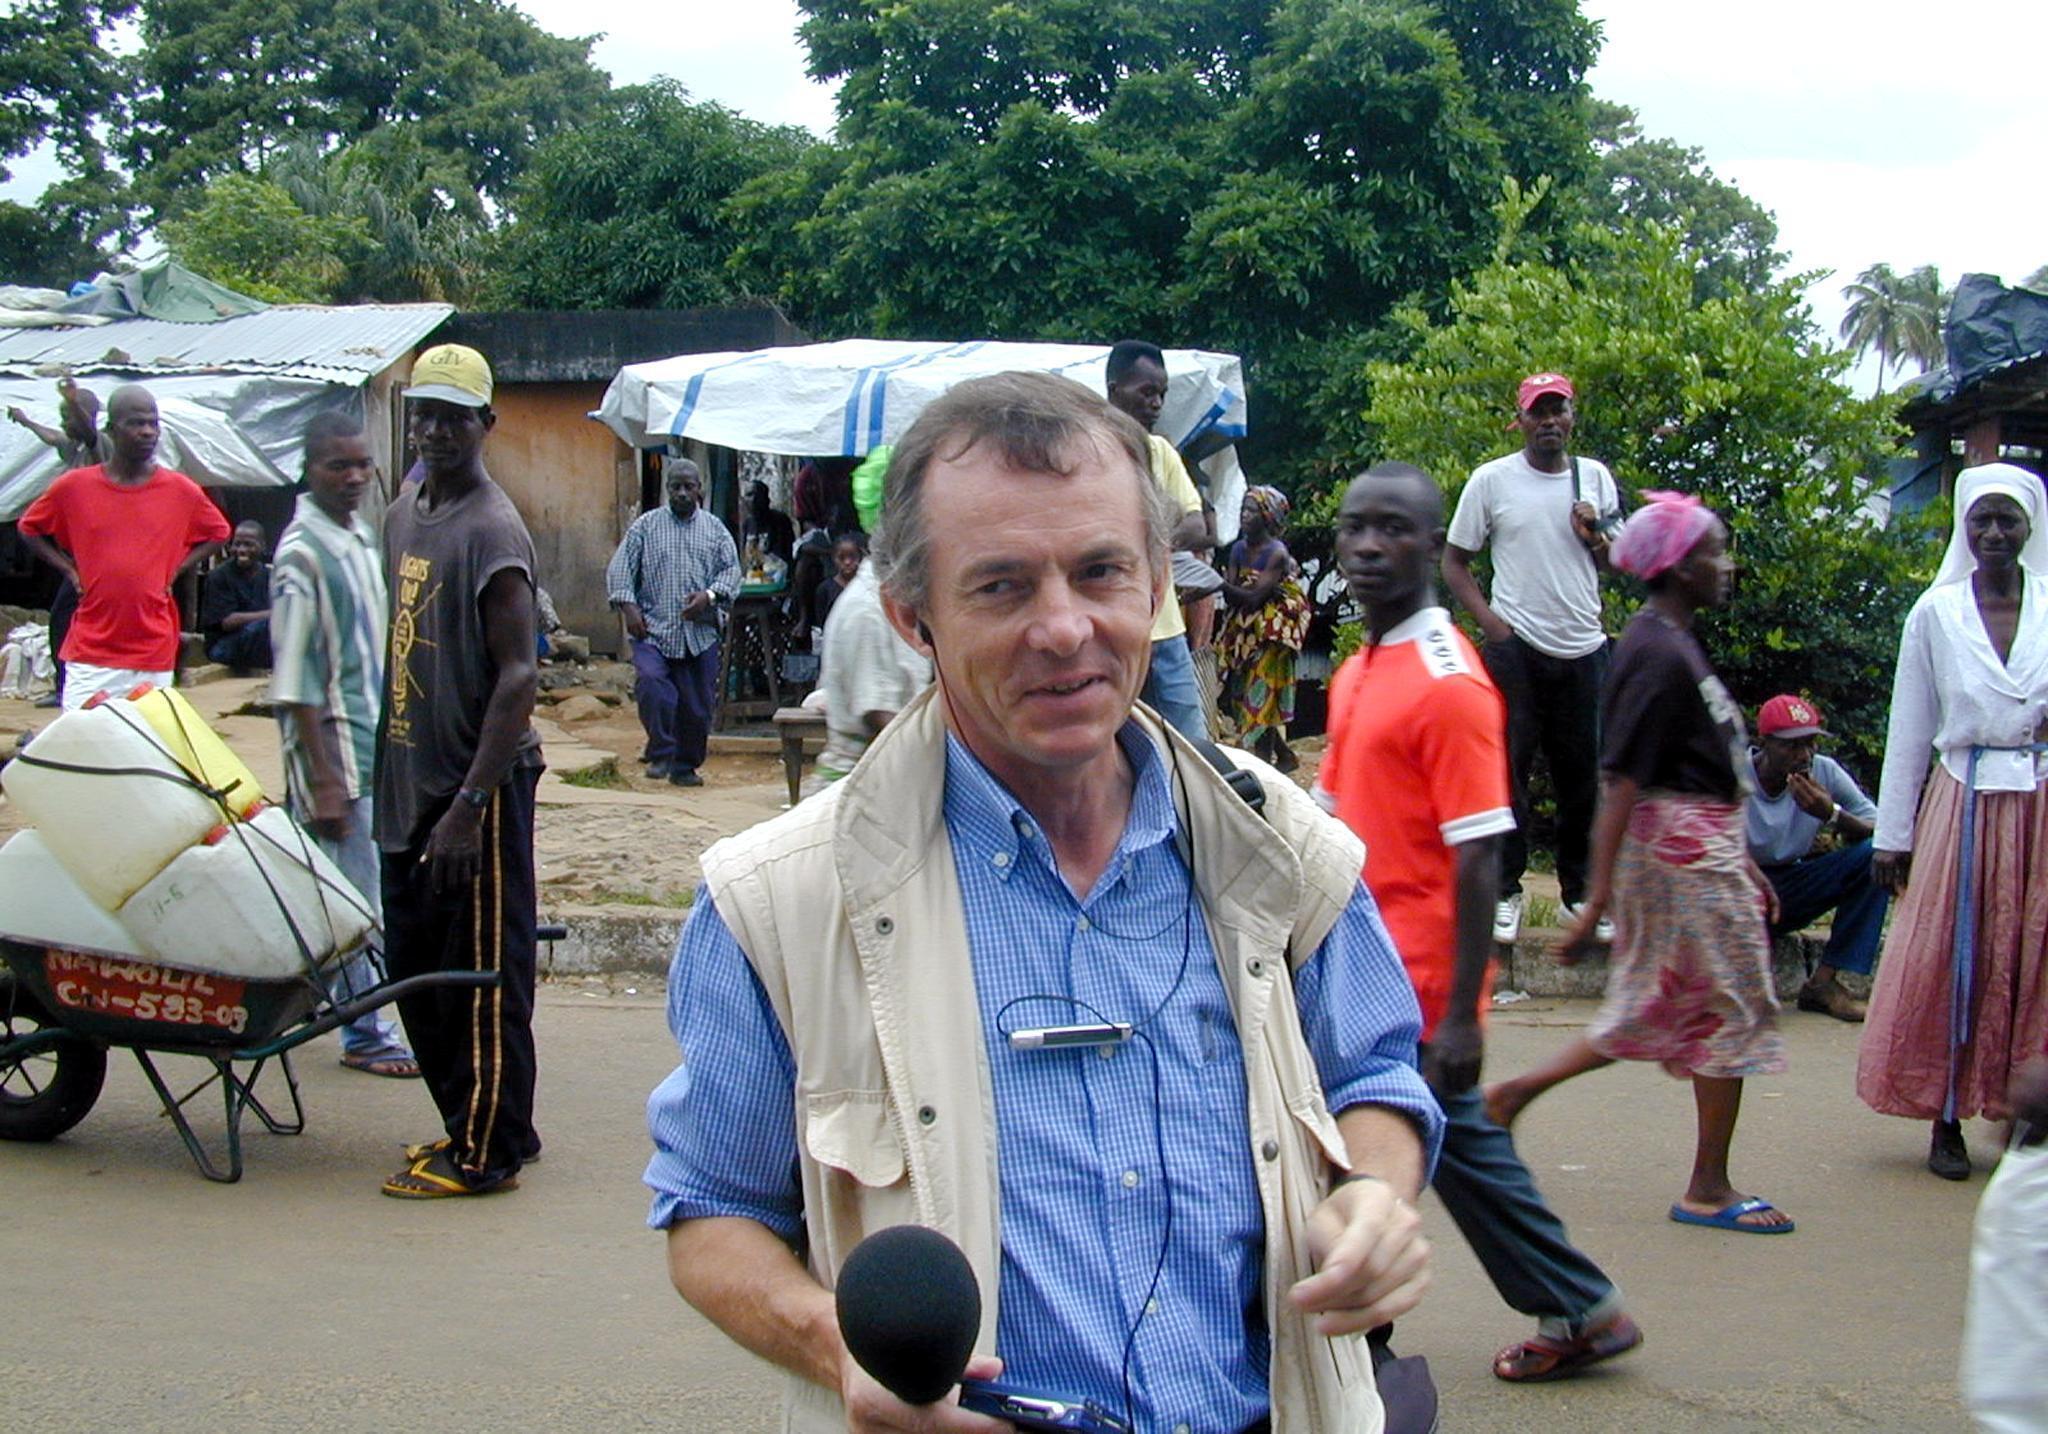 Jean Hélène au mois d'août 2003 à l'occasion d'un reportage à Monrovia au Liberia.